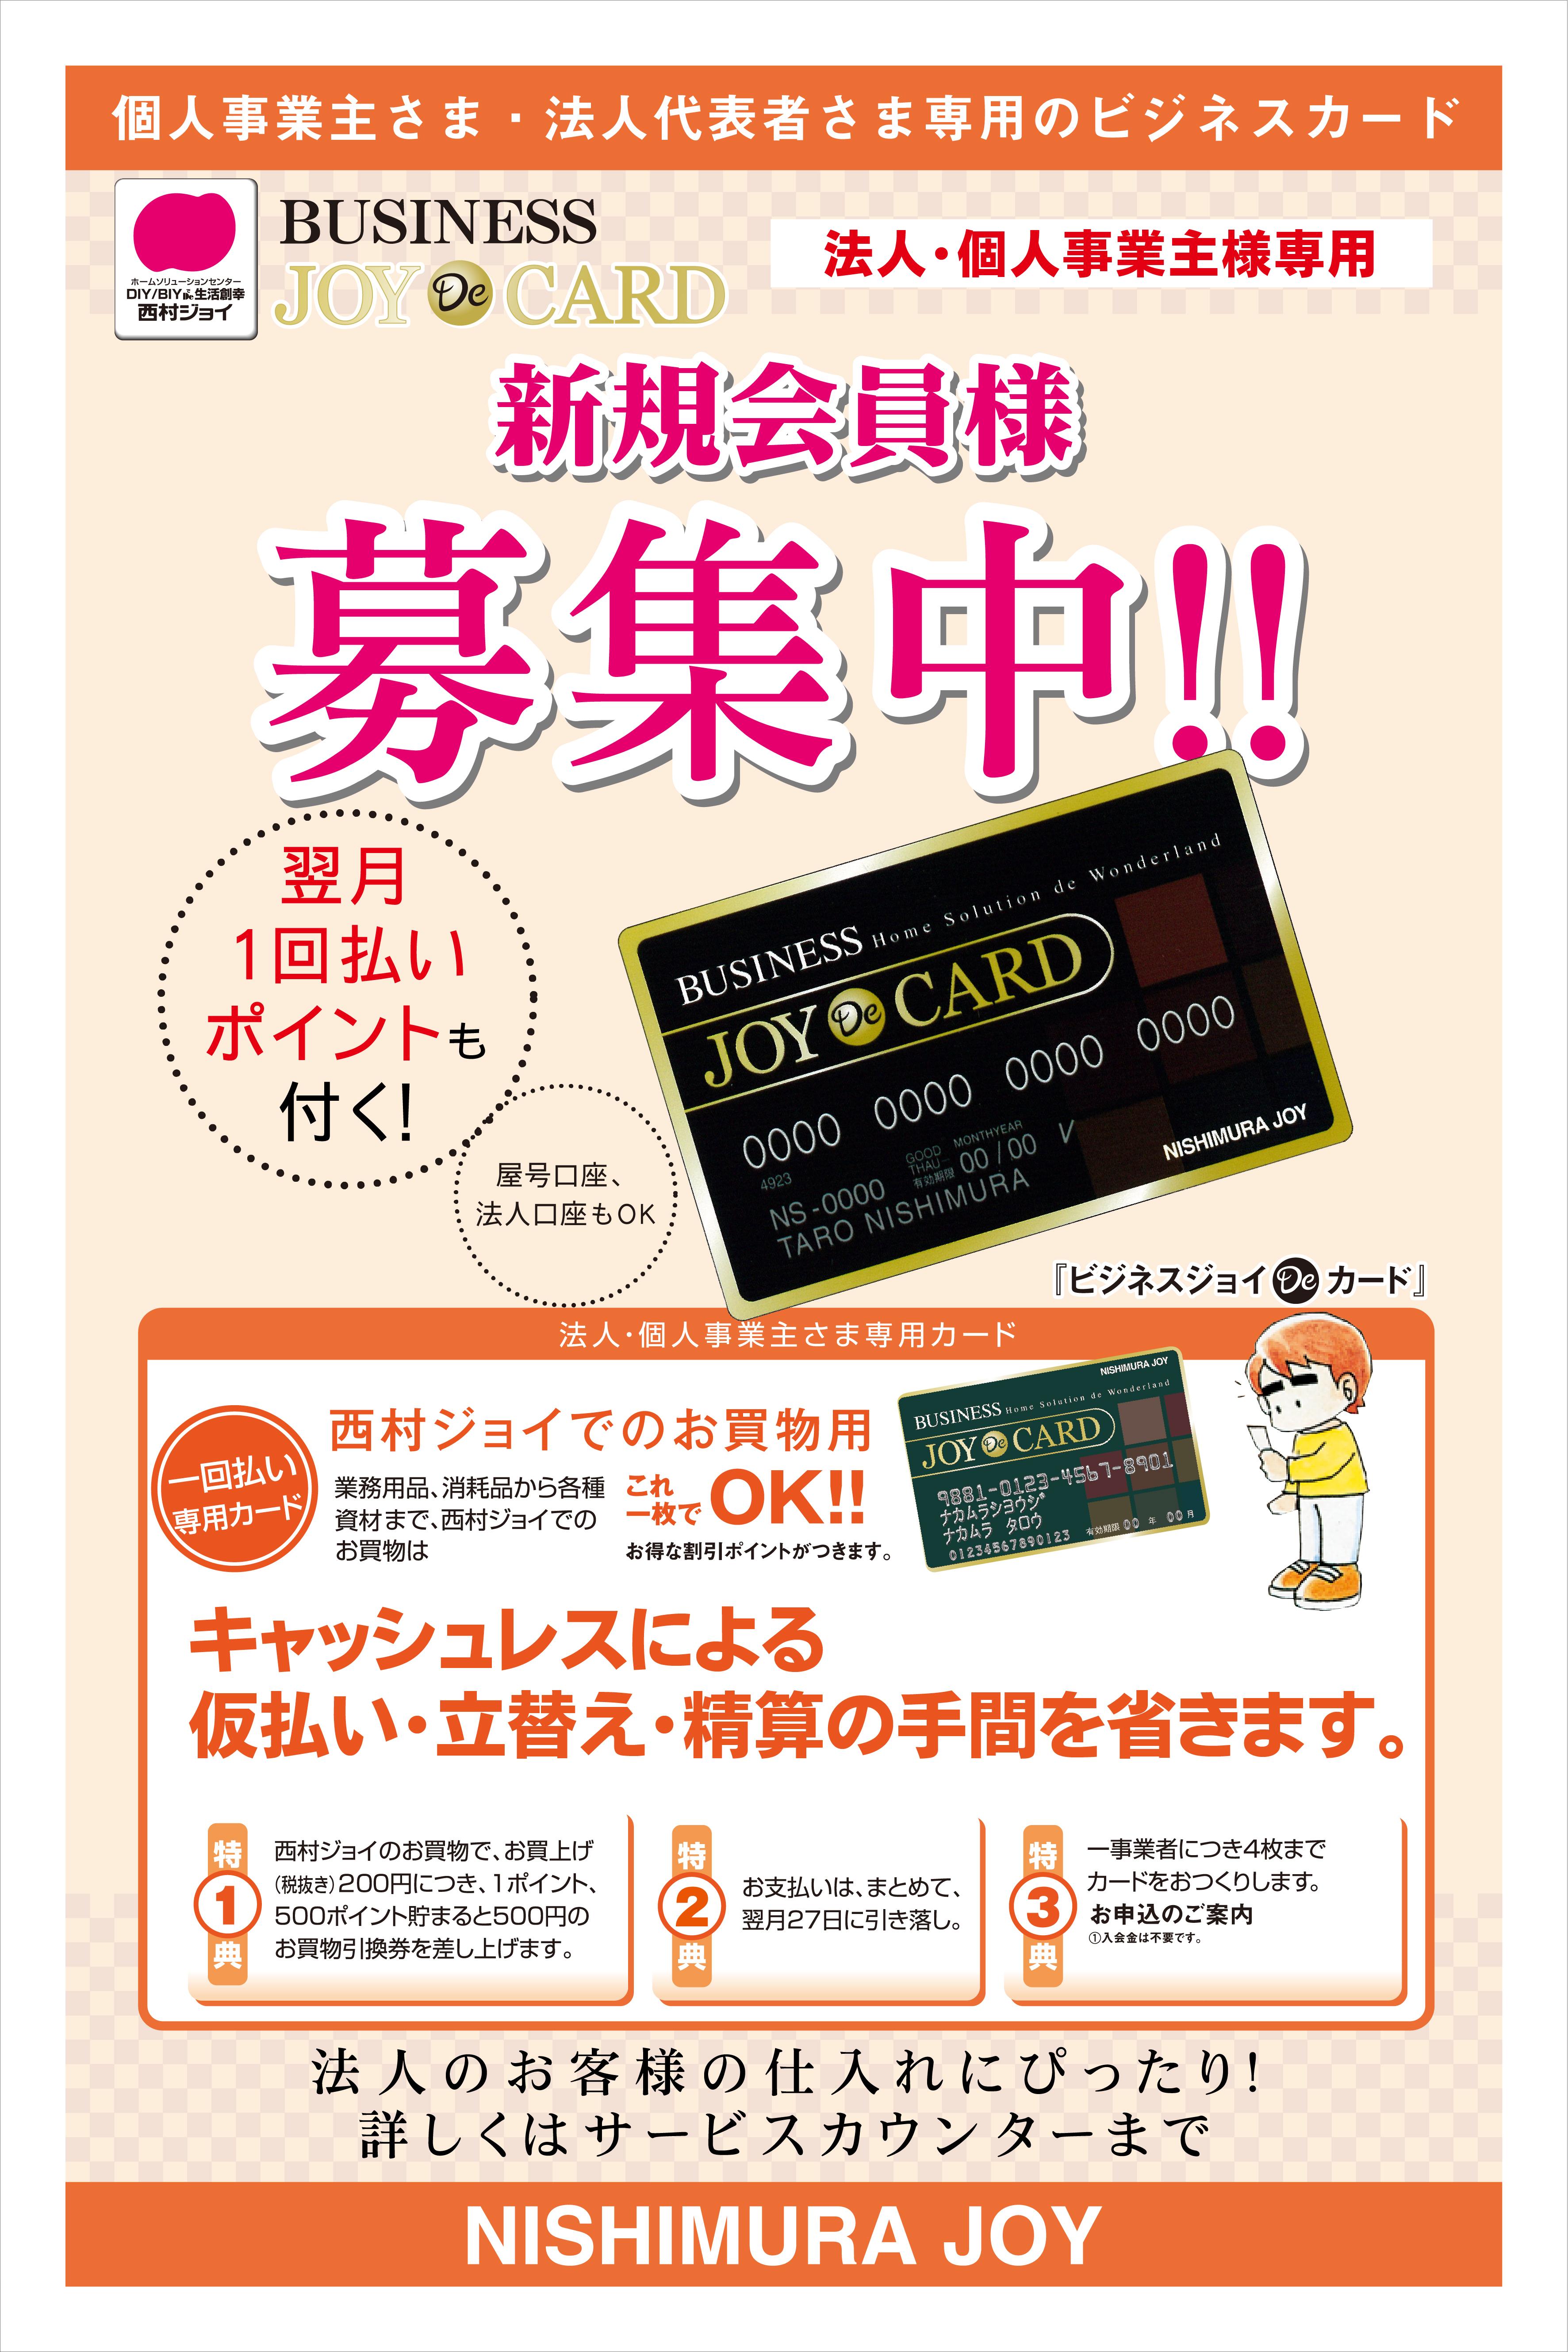 ビジネスジョイDeカード 法人・個人事業主様専用 新規会員様募集中!!